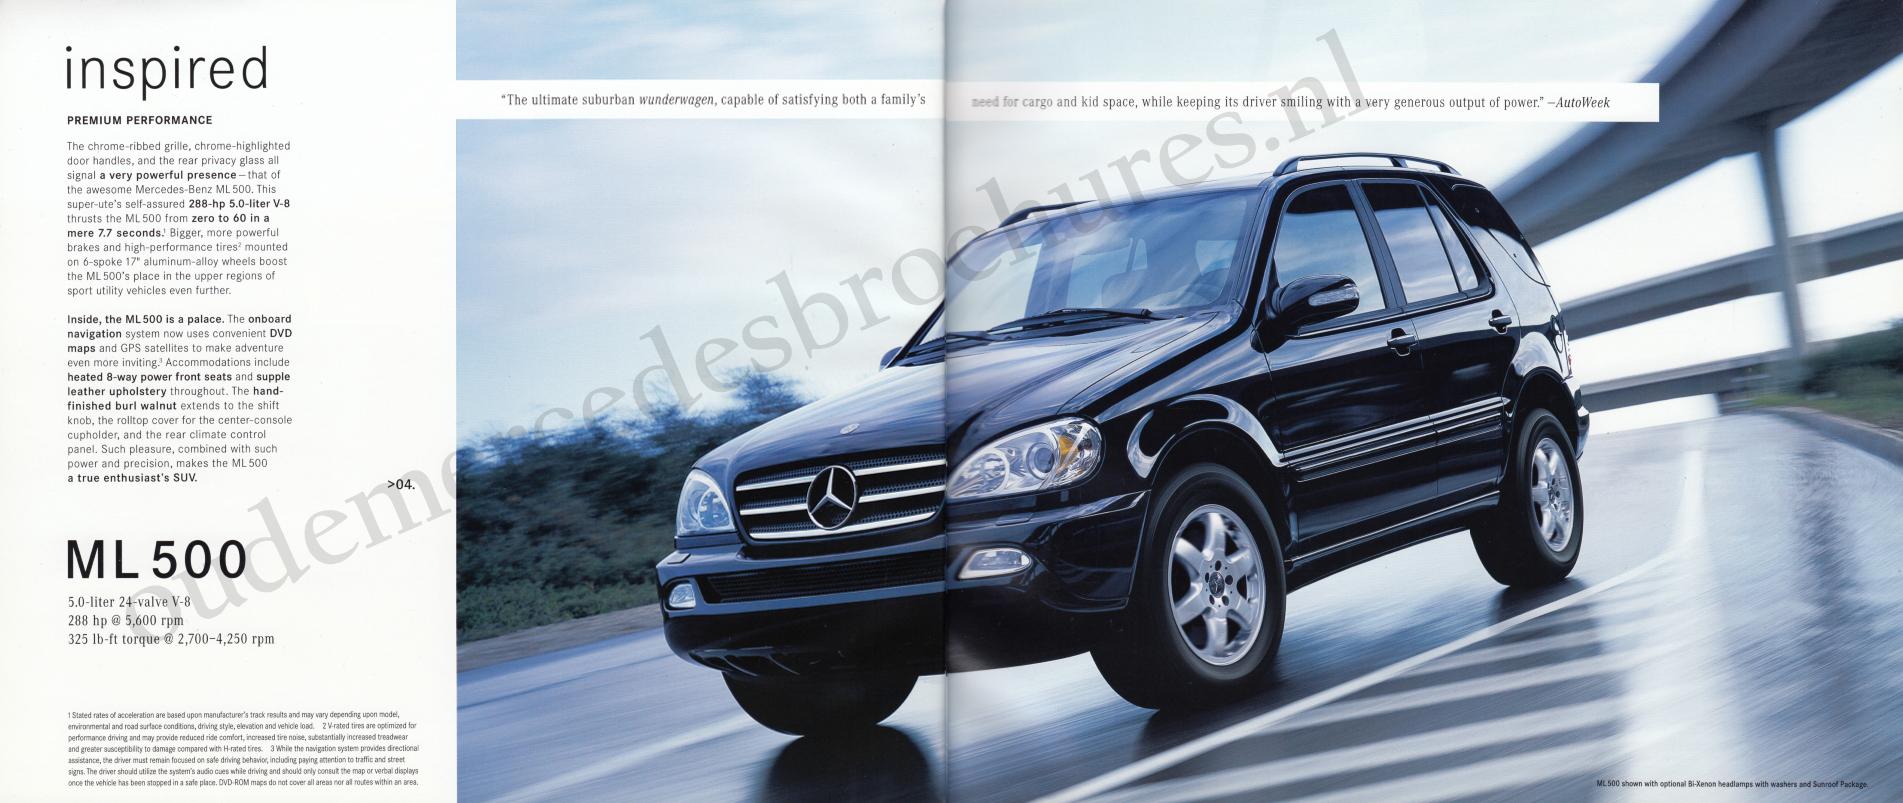 (W163): Catálogo USA 2003 - inglês 004